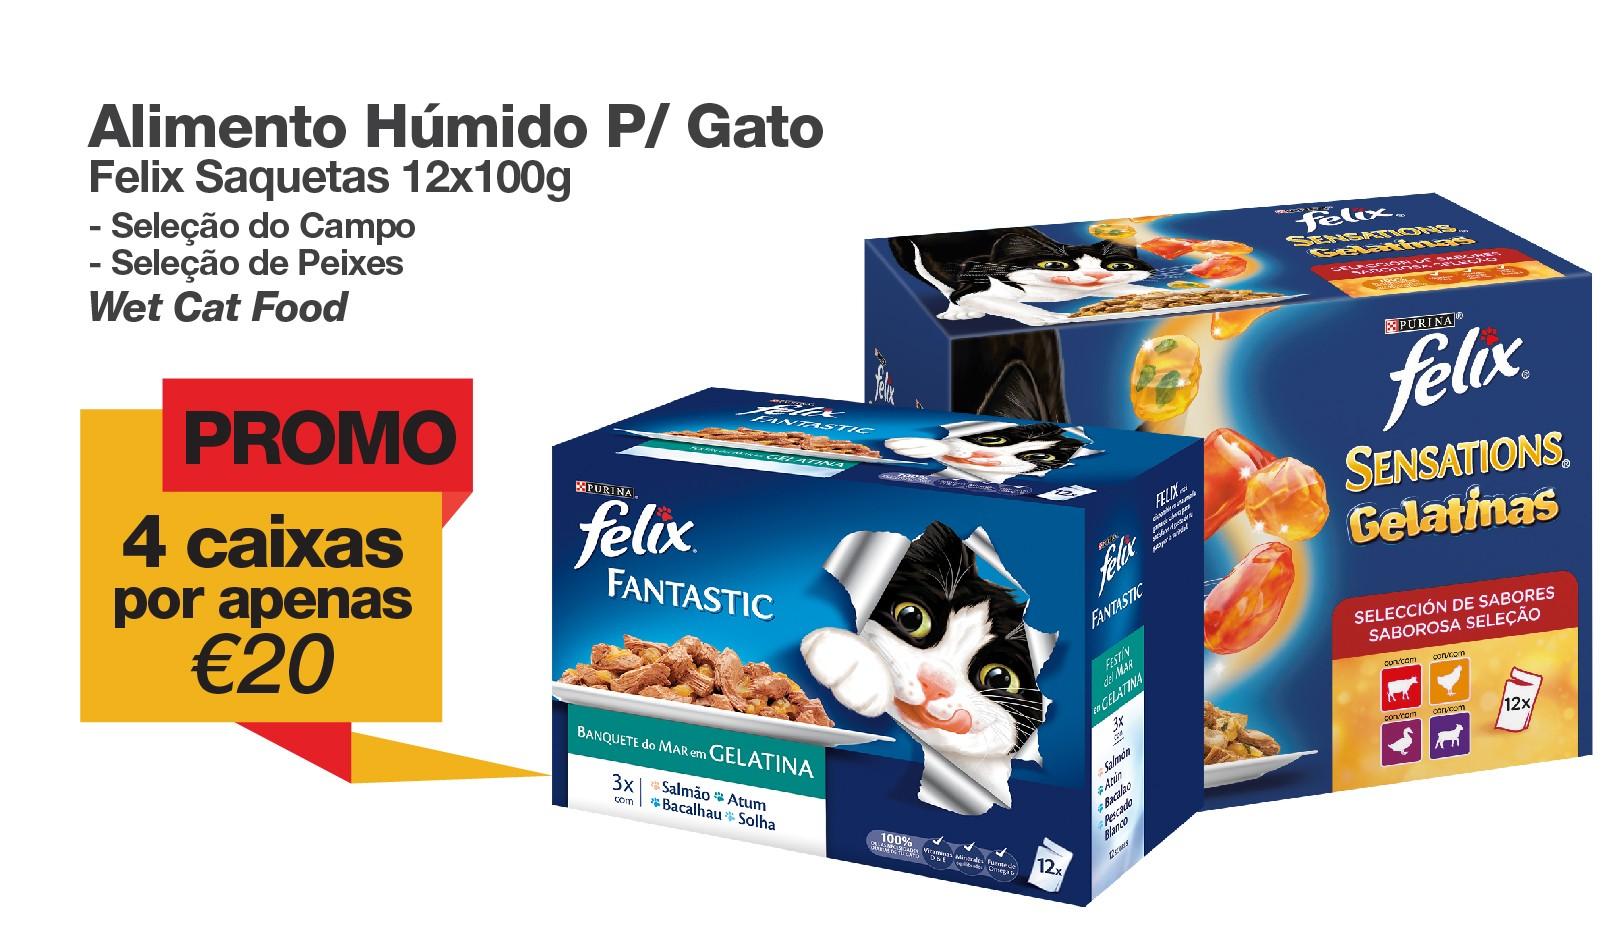 Promo Felix Saquetas 4 caixas - €20